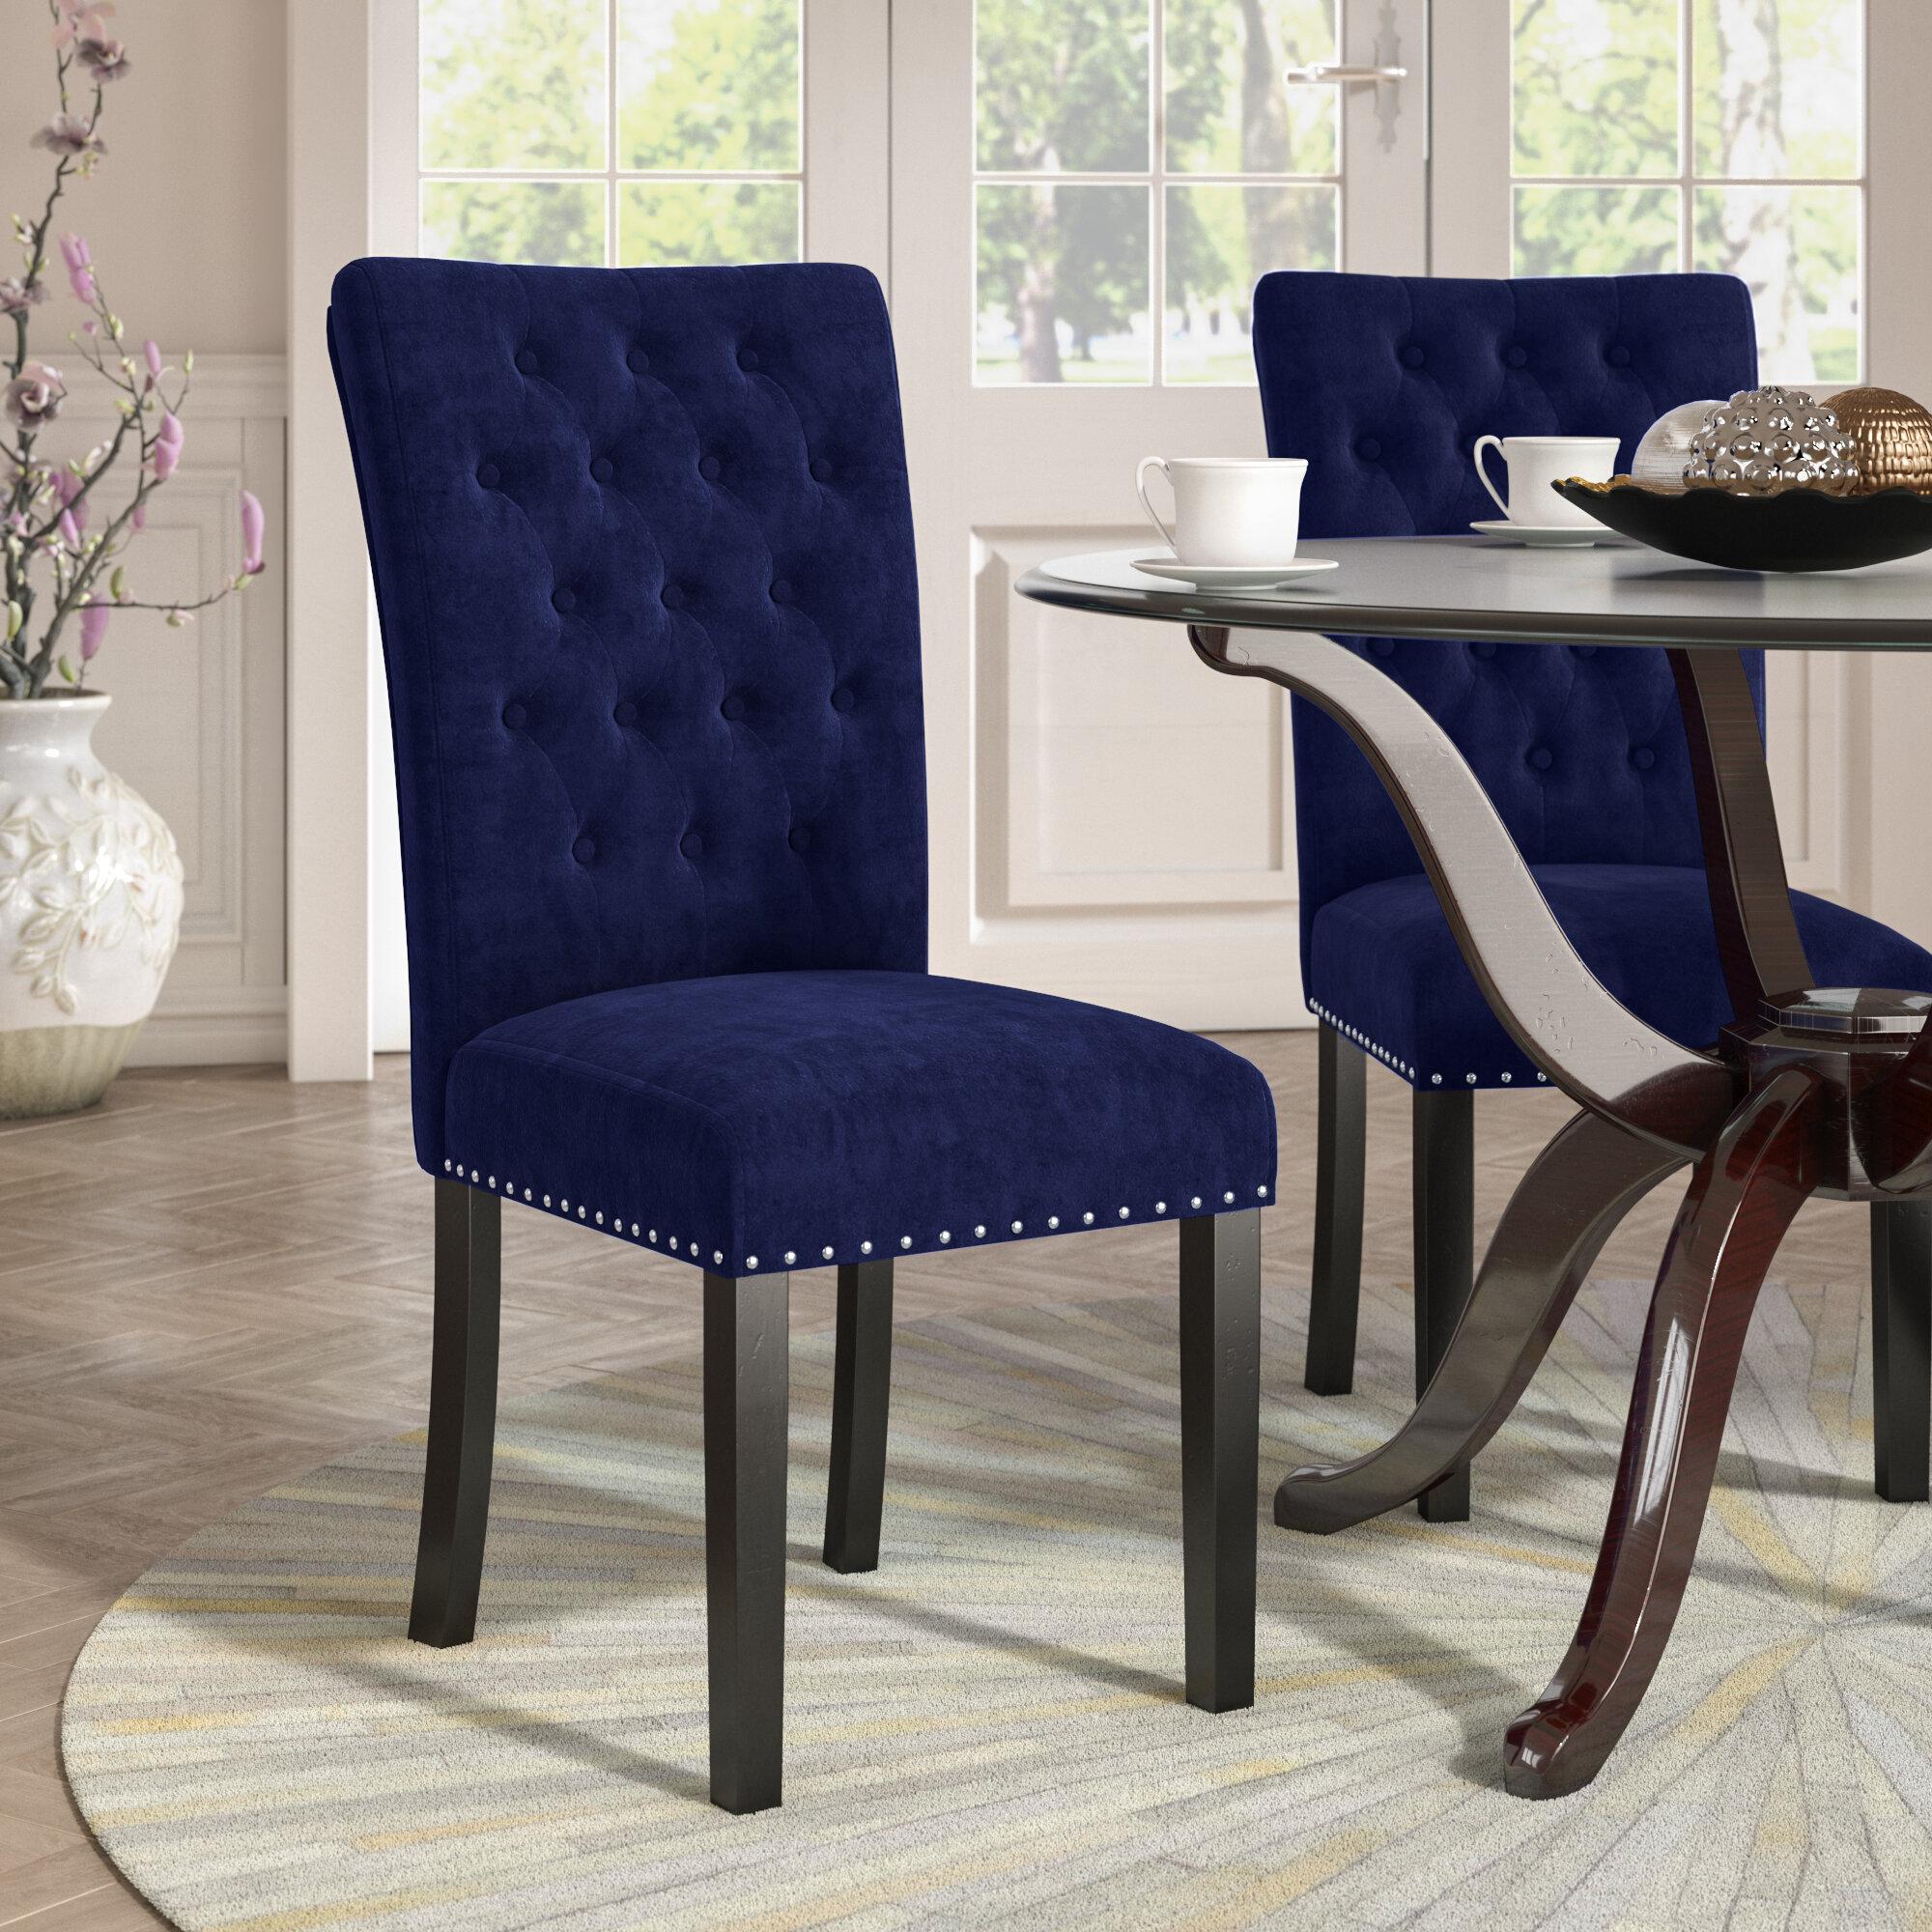 Willa Arlo Interiors Erling Velvet Upholstered Dining Chair Reviews Wayfair